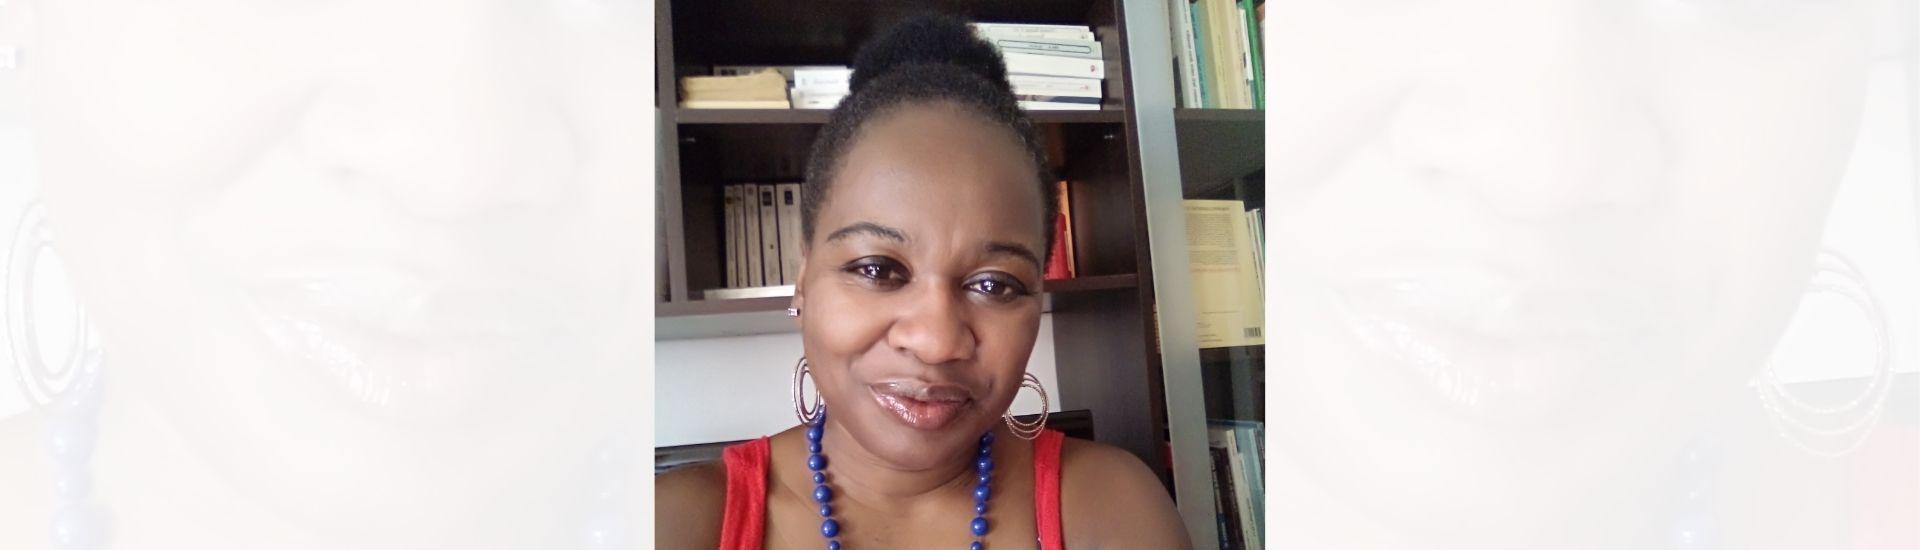 MINSILI ZANGA : écrivaine et poétesse camerounaise - Dzaleu.com Editor Manager